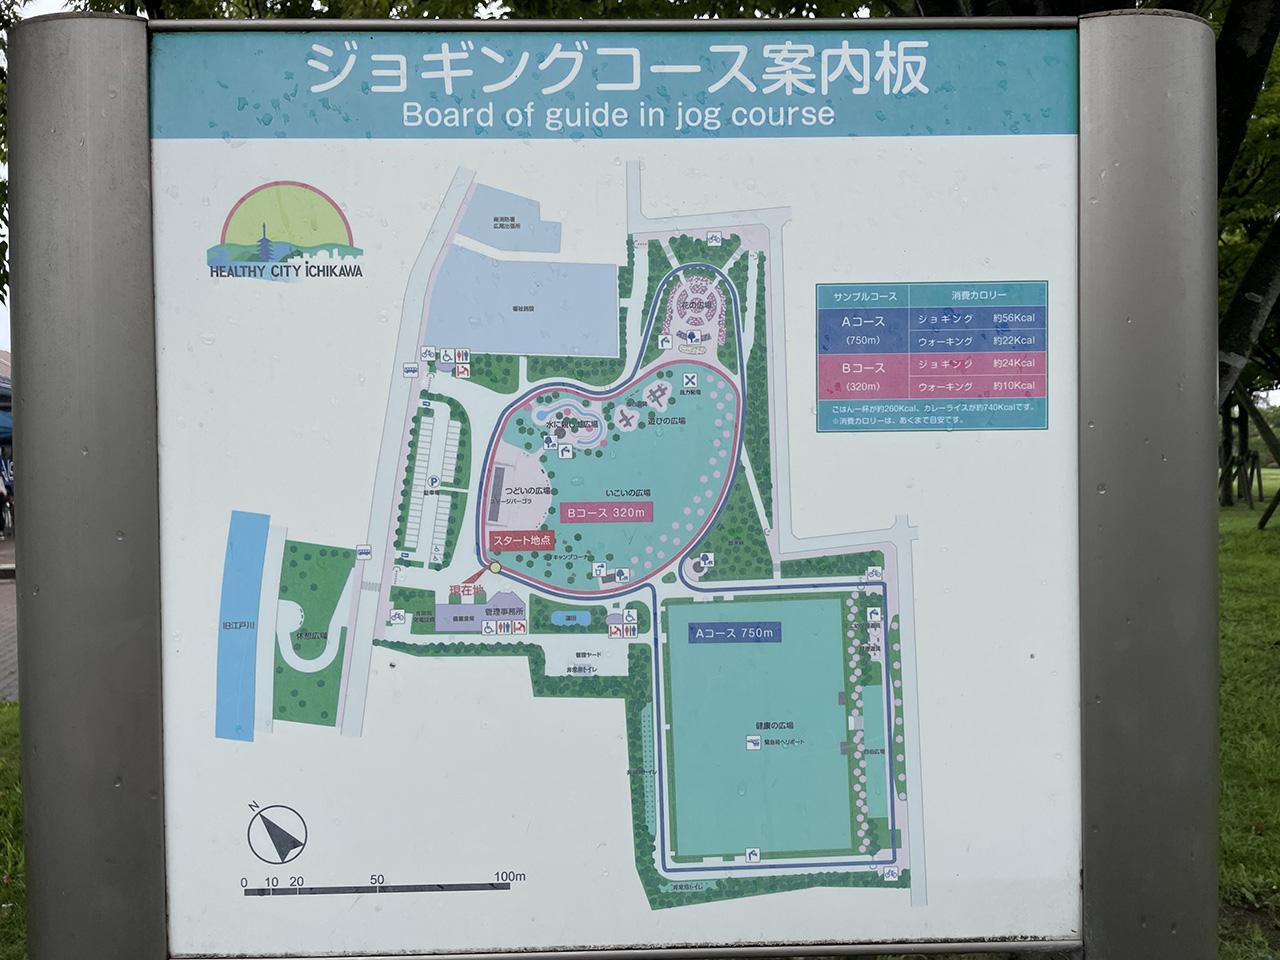 ジョギングコース案内図の写真